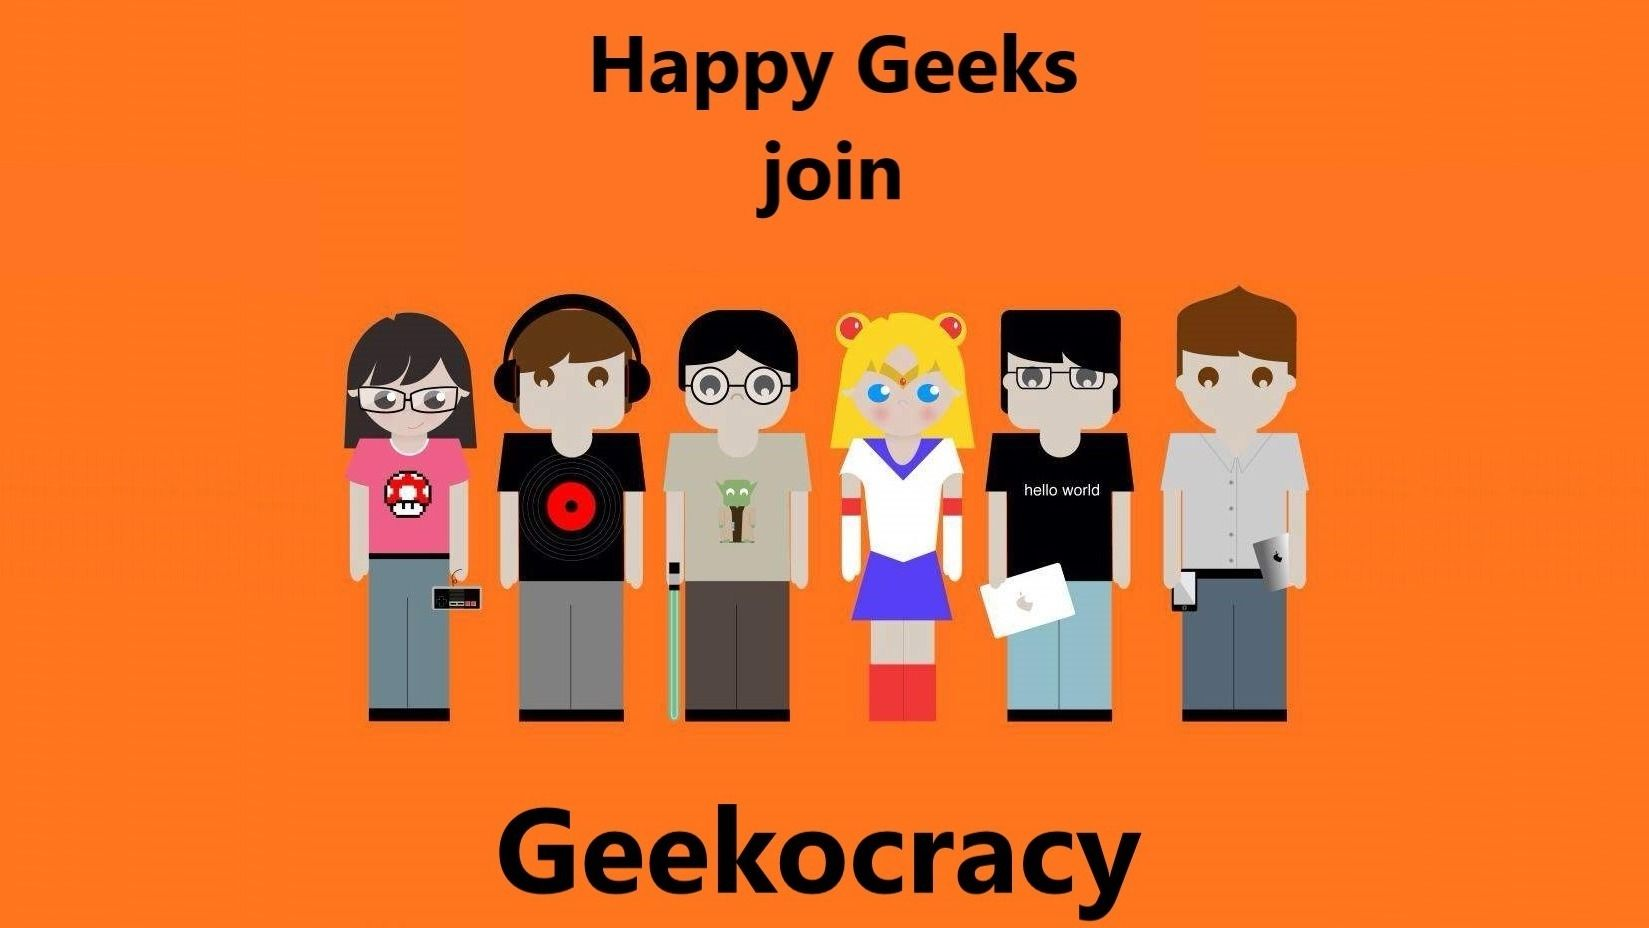 Geekocracy!